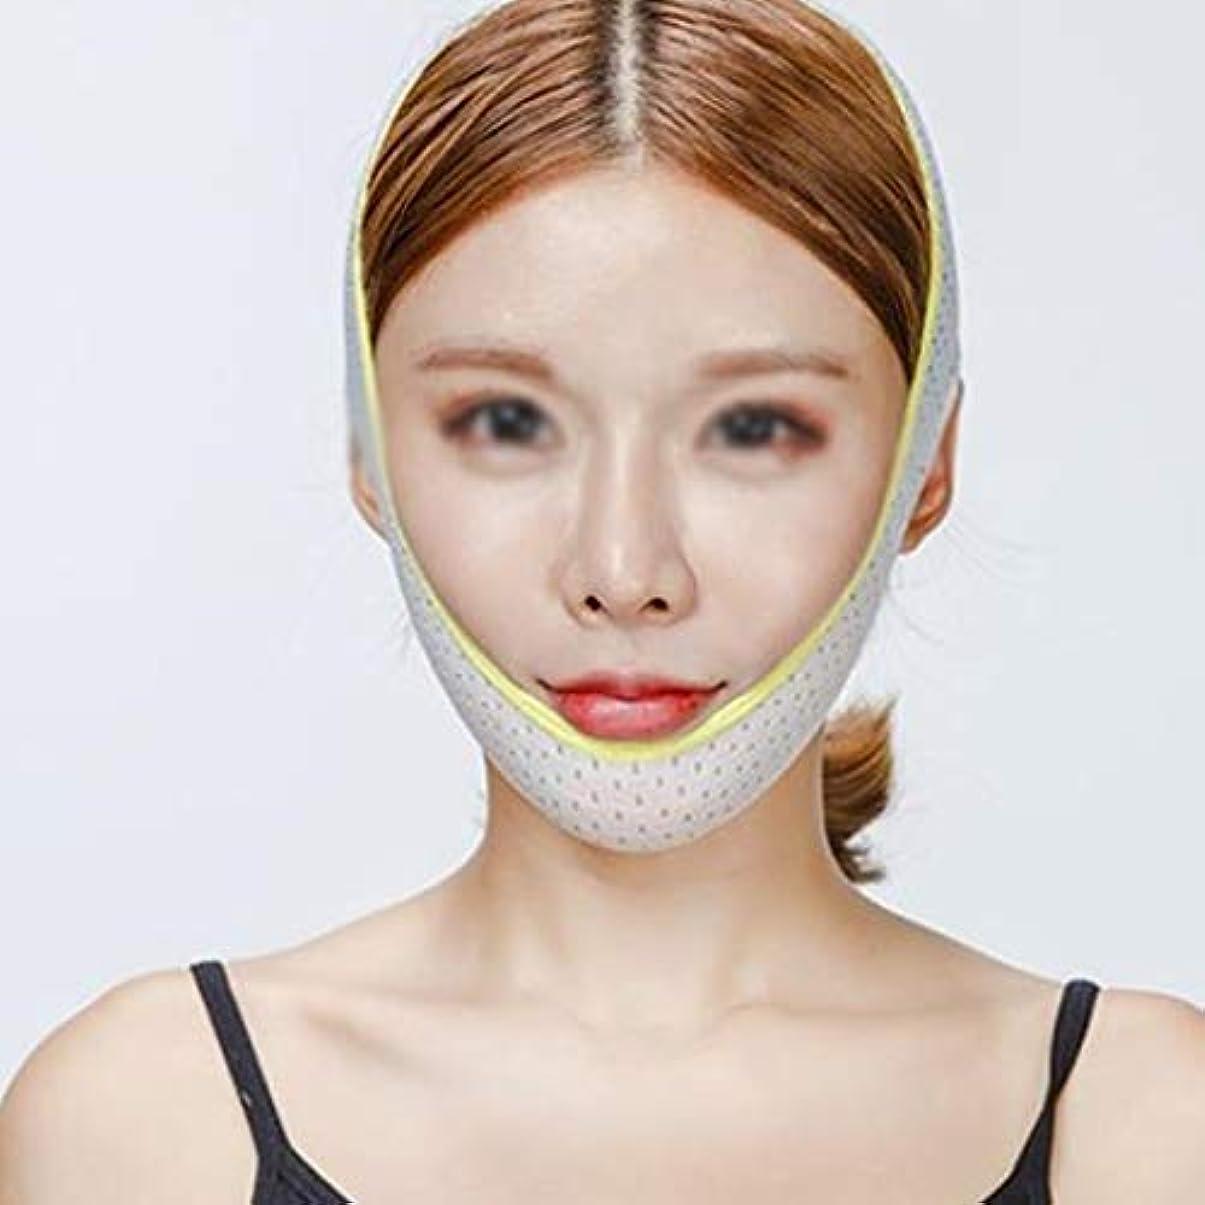 小さい交換可能勝利したZWBD フェイスマスク, Vフェイスアーティファクトフェイスリフトステッカー本物のフェイスリフト韓国フェイスフェイシャルリフティングファーミングインストゥルメントフェイシャルリフティング睡眠包帯